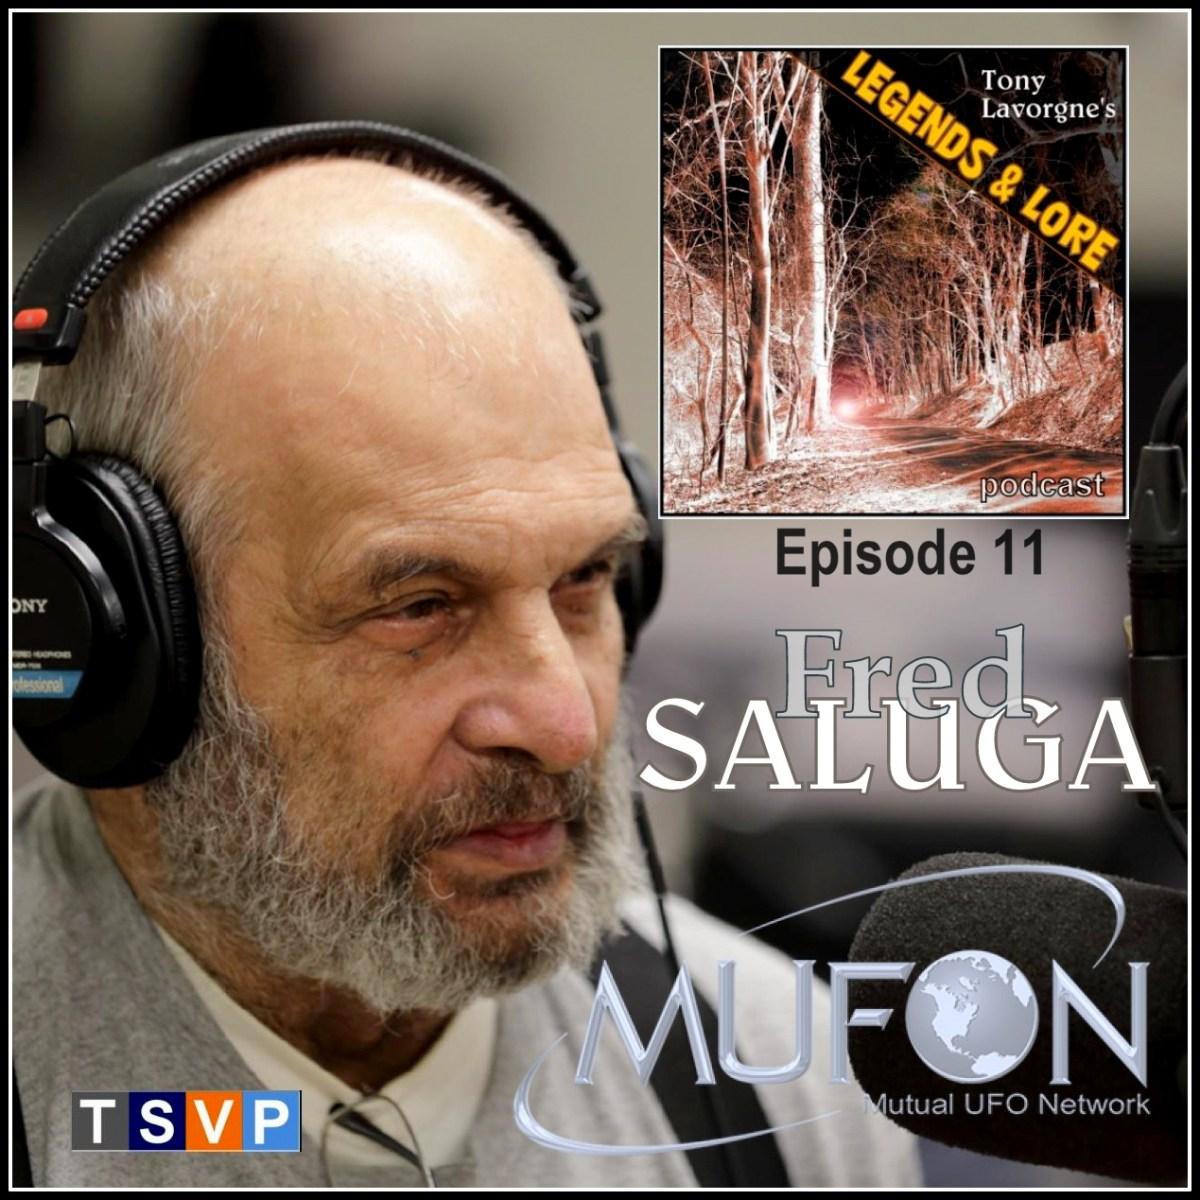 Tony Lavorgne's Legends & Lore Podcast (Ep11): Fred Saluga